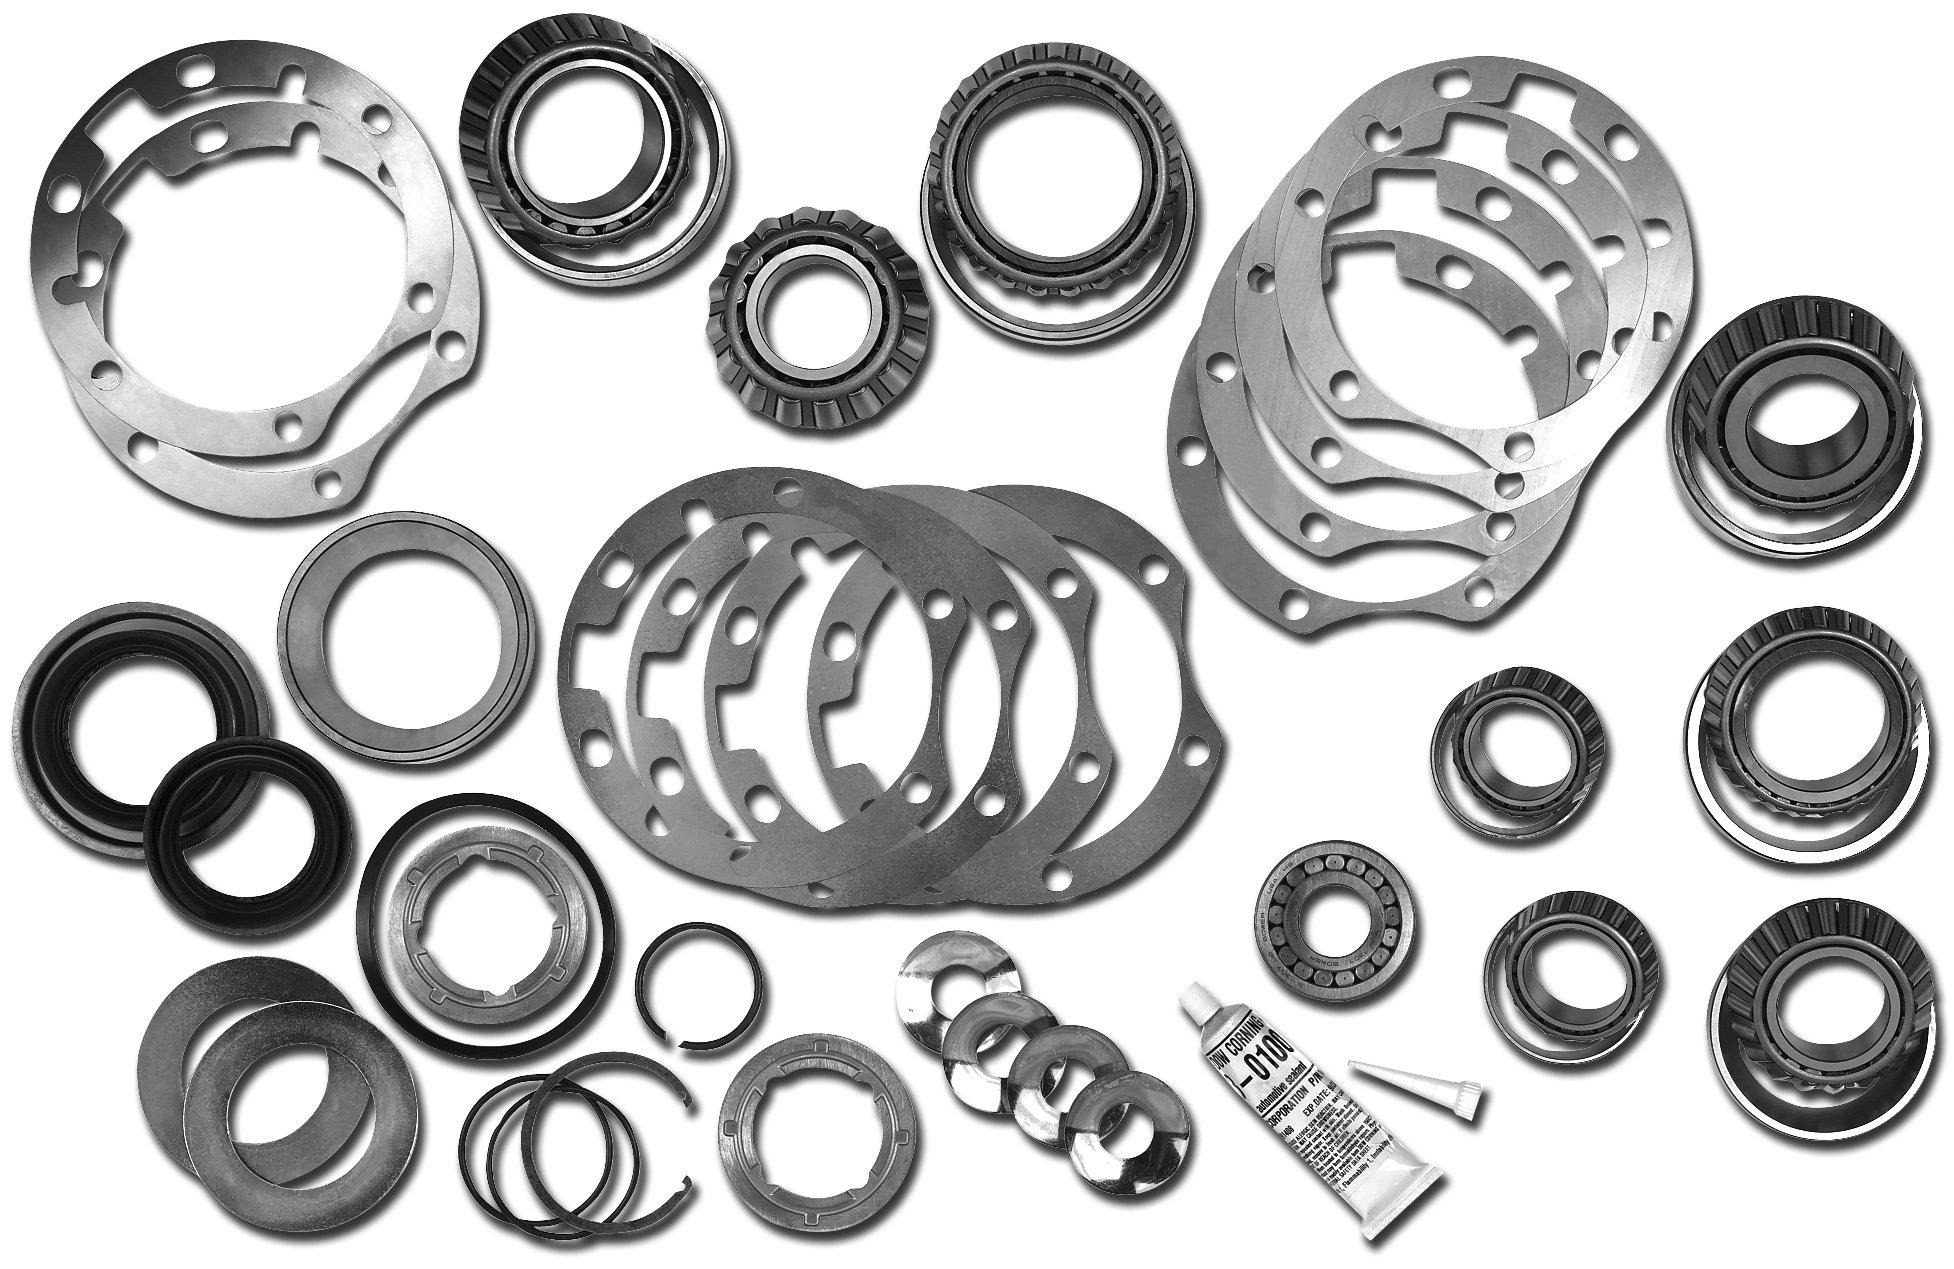 Dana Spicer 2017098 Master Axle Overhaul Kit for 03-06